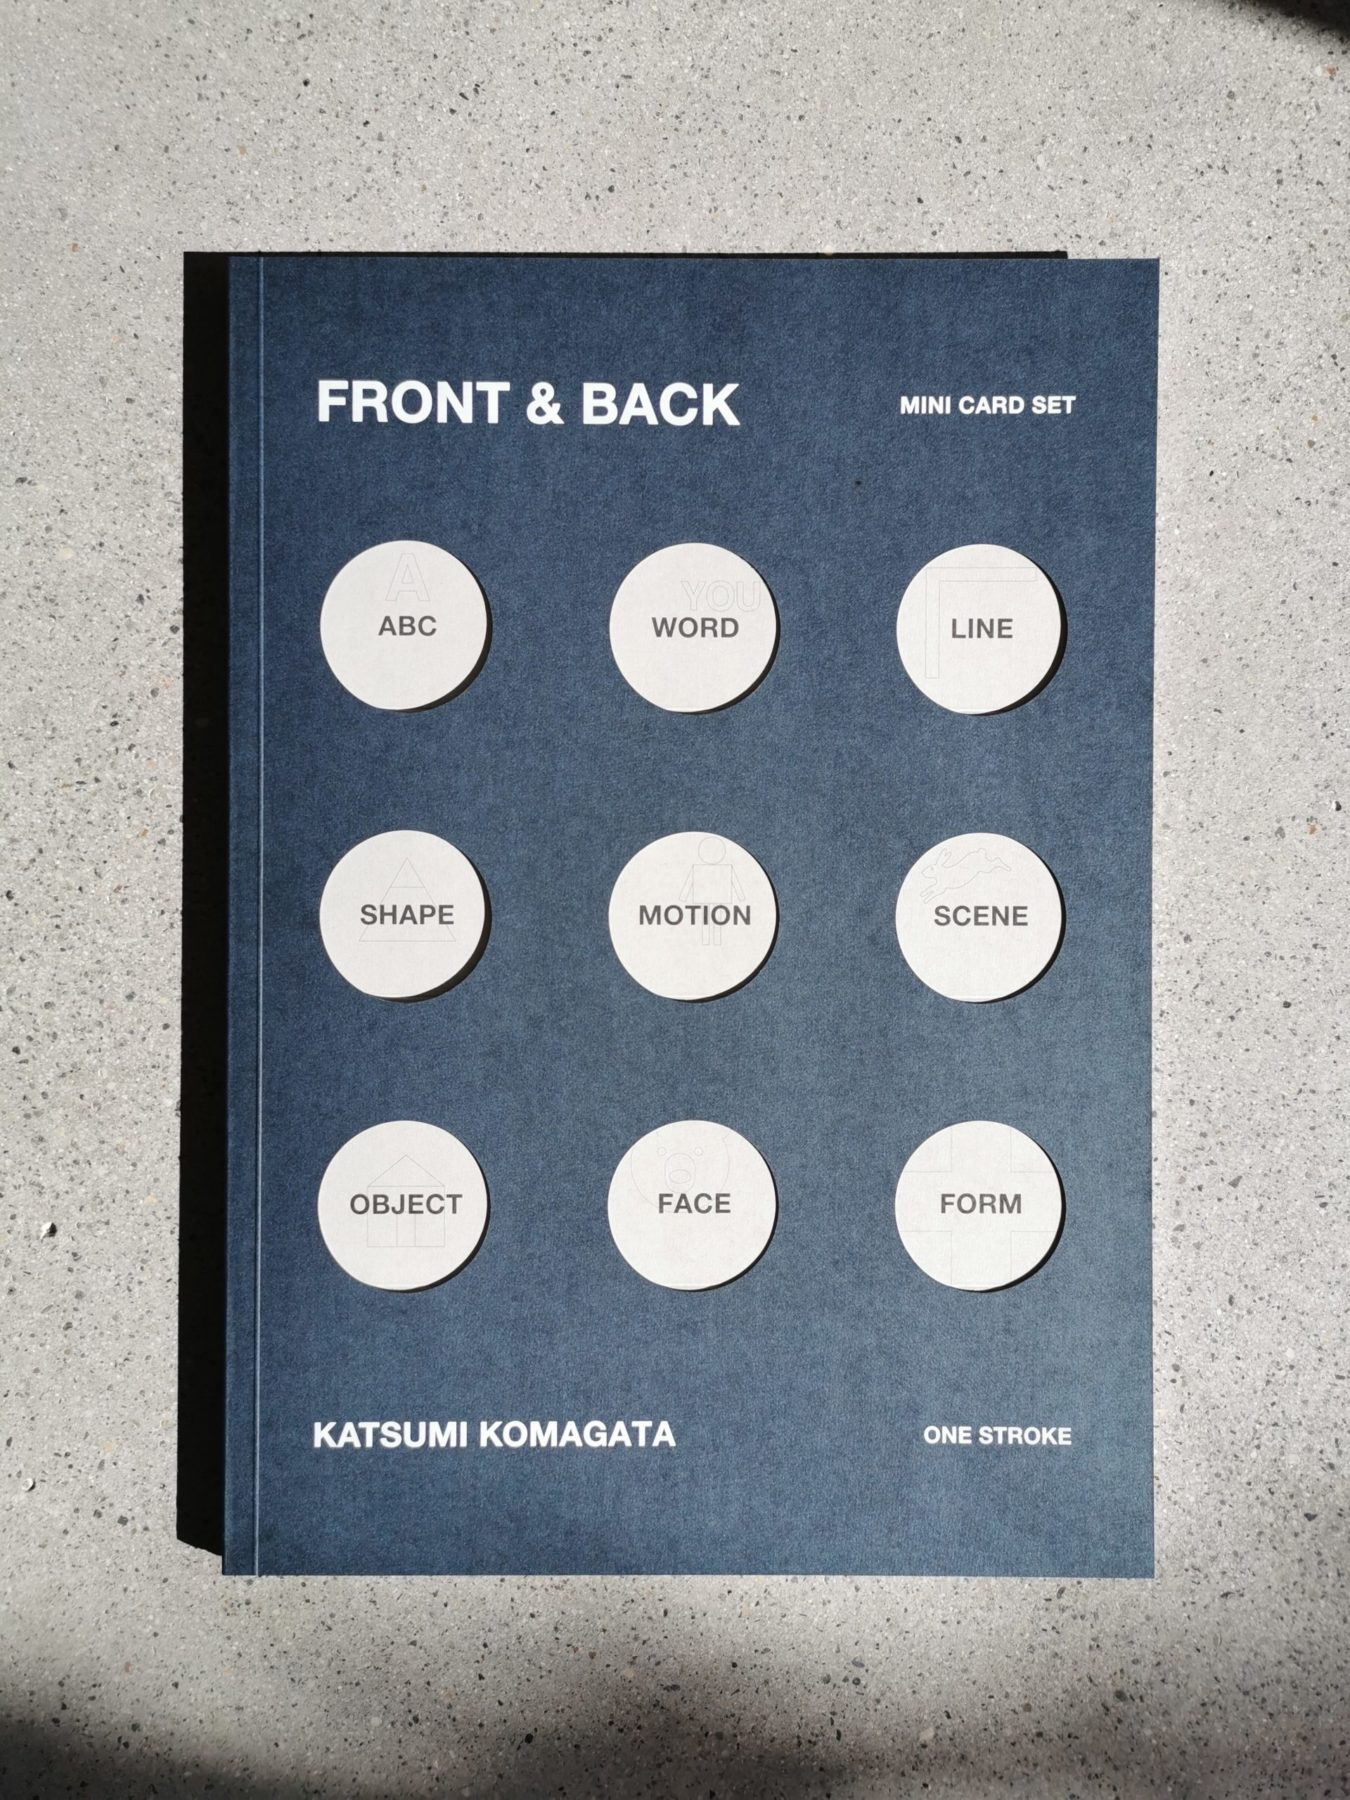 komagata front back mutty 1